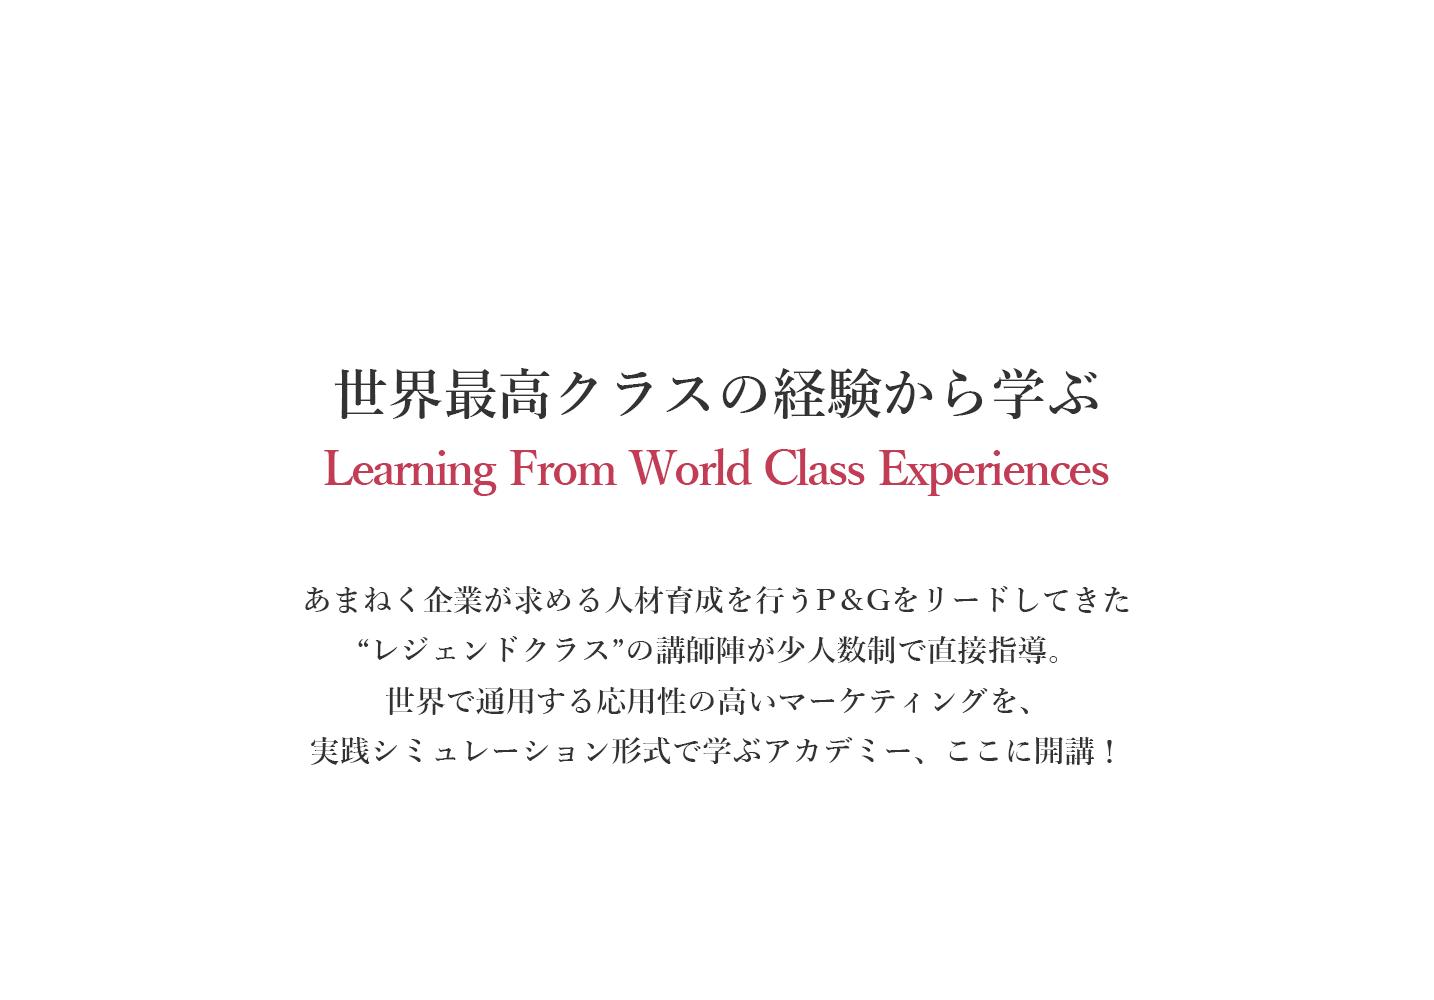 """「世界最高クラスの経験から学ぶ」 あまねく企業が求める人材育成を行うP&Gをリードしてきた""""レジェンドクラス""""の講師陣が少人数制で直接指導。世界で通用する応用性の高いマーケティングを、実践シミュレーション形式で学ぶアカデミー、ここに開講!"""